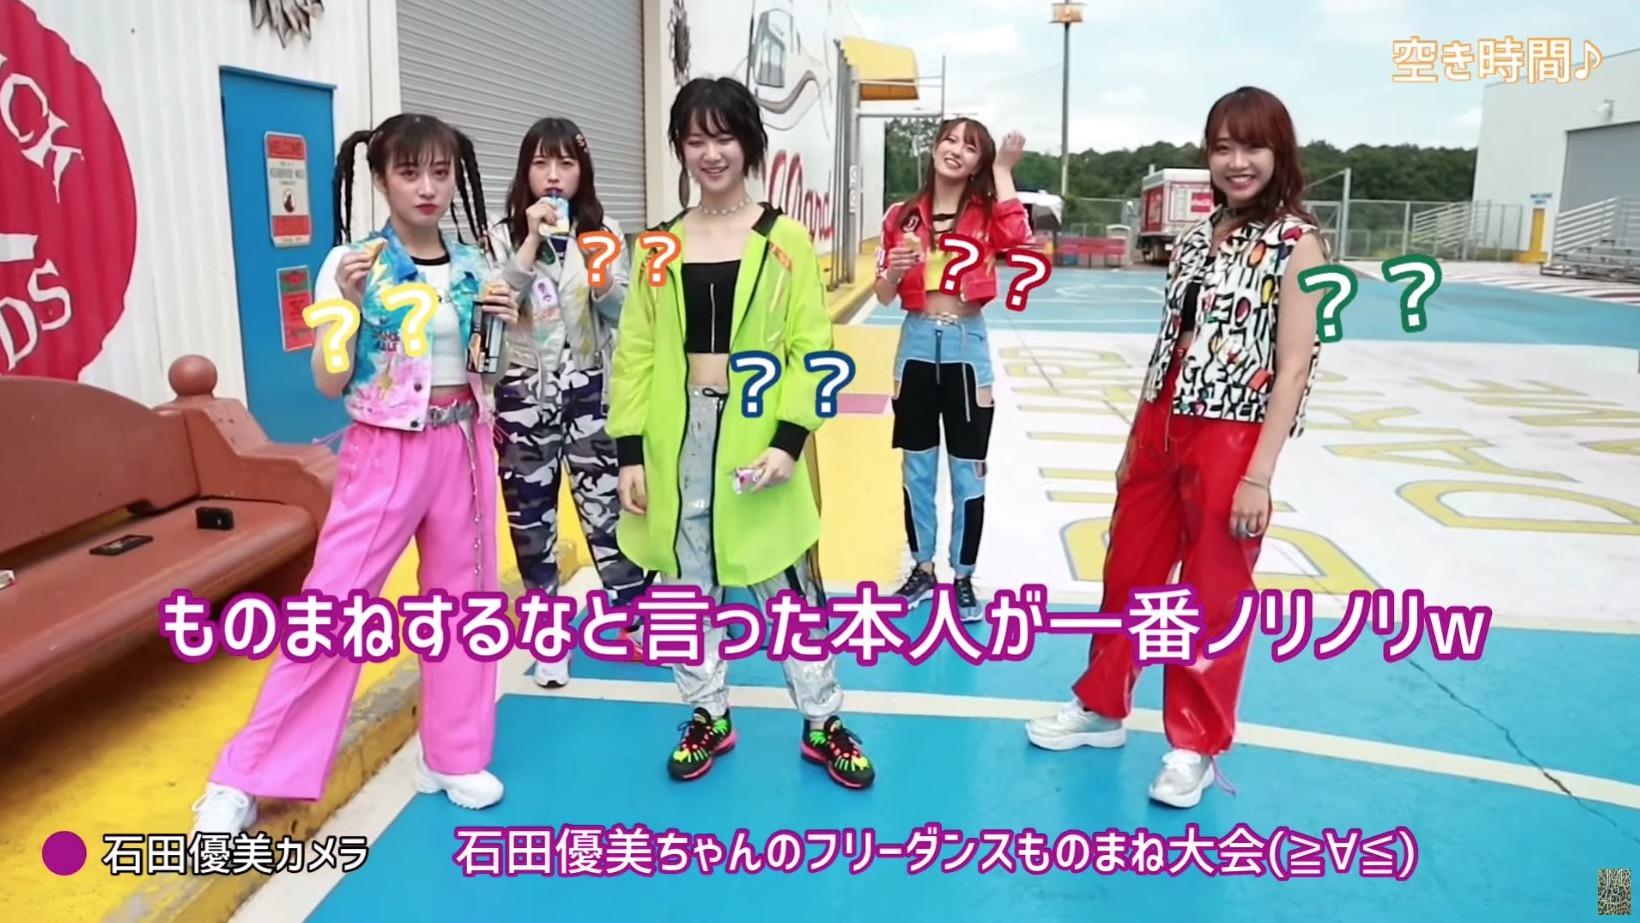 【NMB48】だんさぶる!You Tube NMB48公式チャンネル投稿動画まとめ。